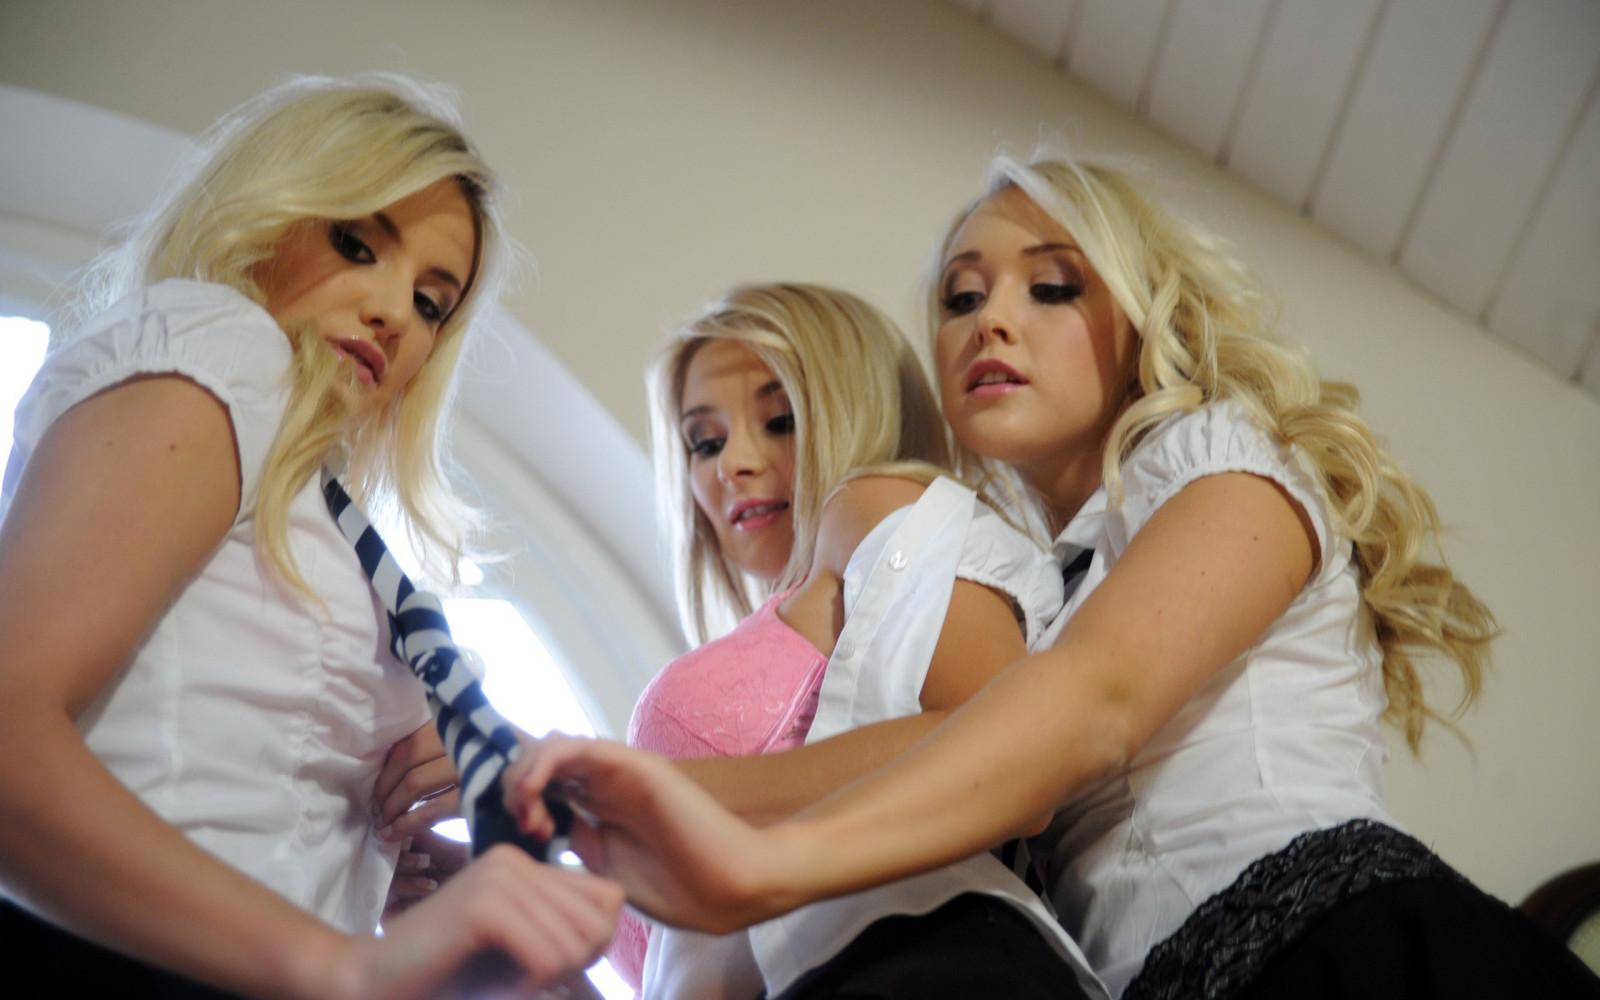 Школа девочек эротик, Порно Девочек Школа (найдено 24 порно видео роликов) 14 фотография